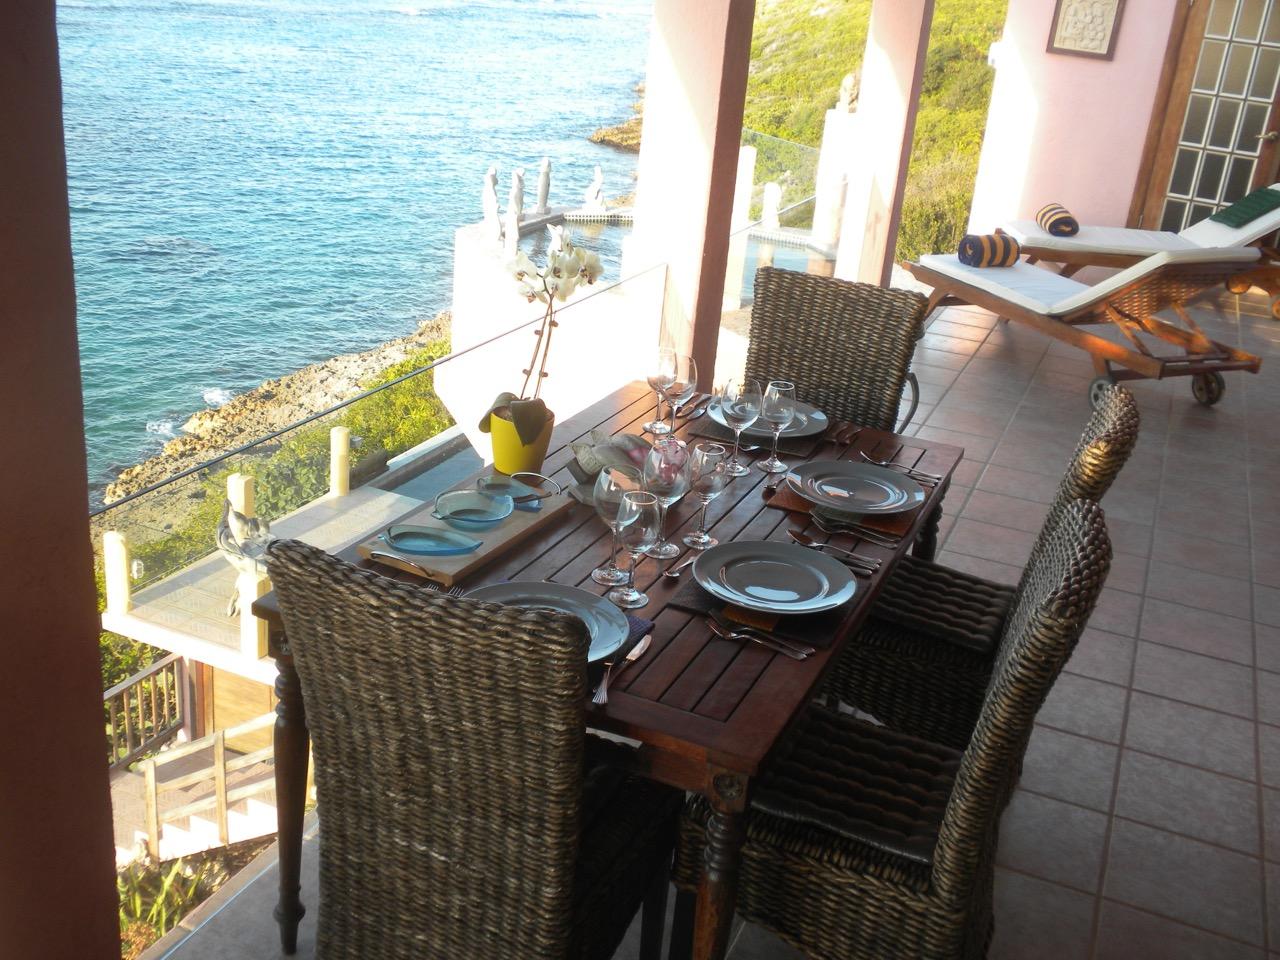 diningtable-terrace.jpg